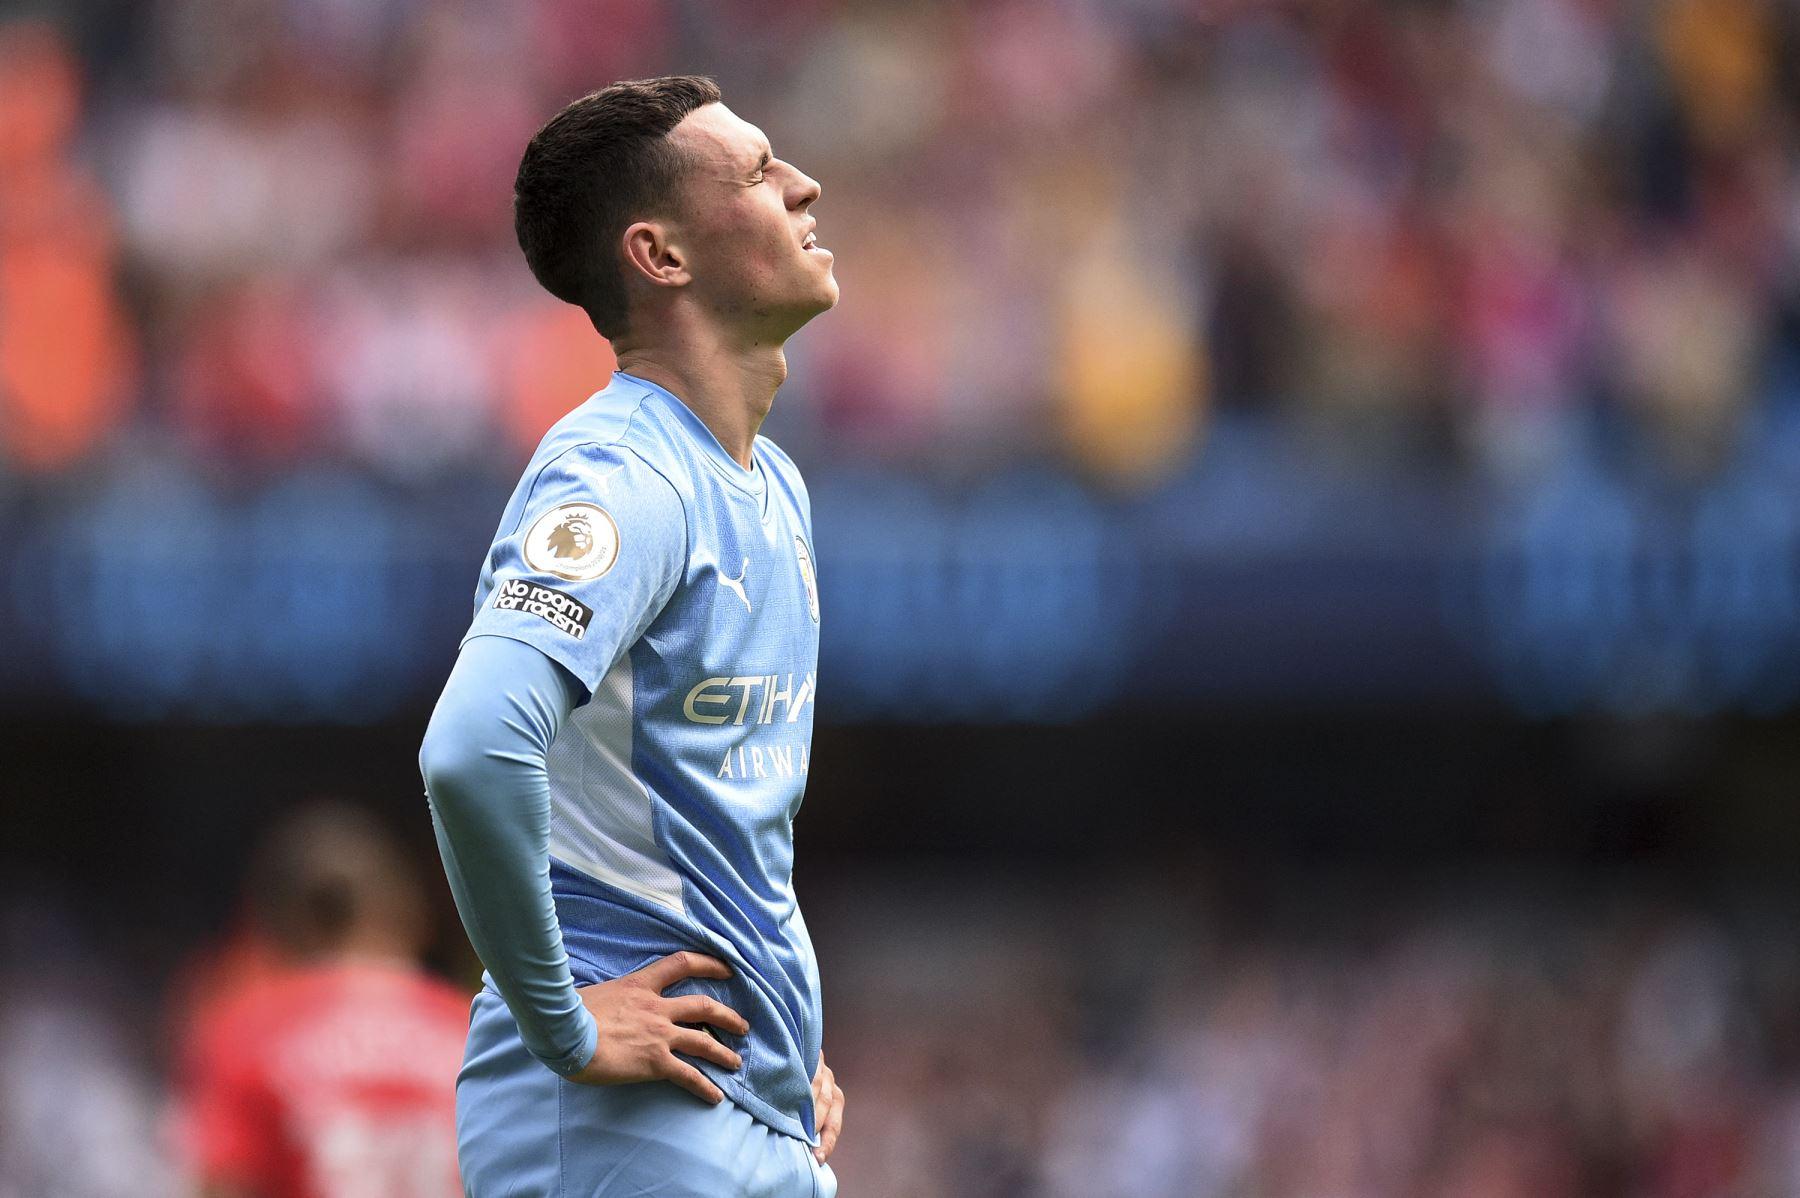 El centrocampista inglés del Manchester City Phil Foden reacciona tras el partido de la Premier League. Foto: AFP